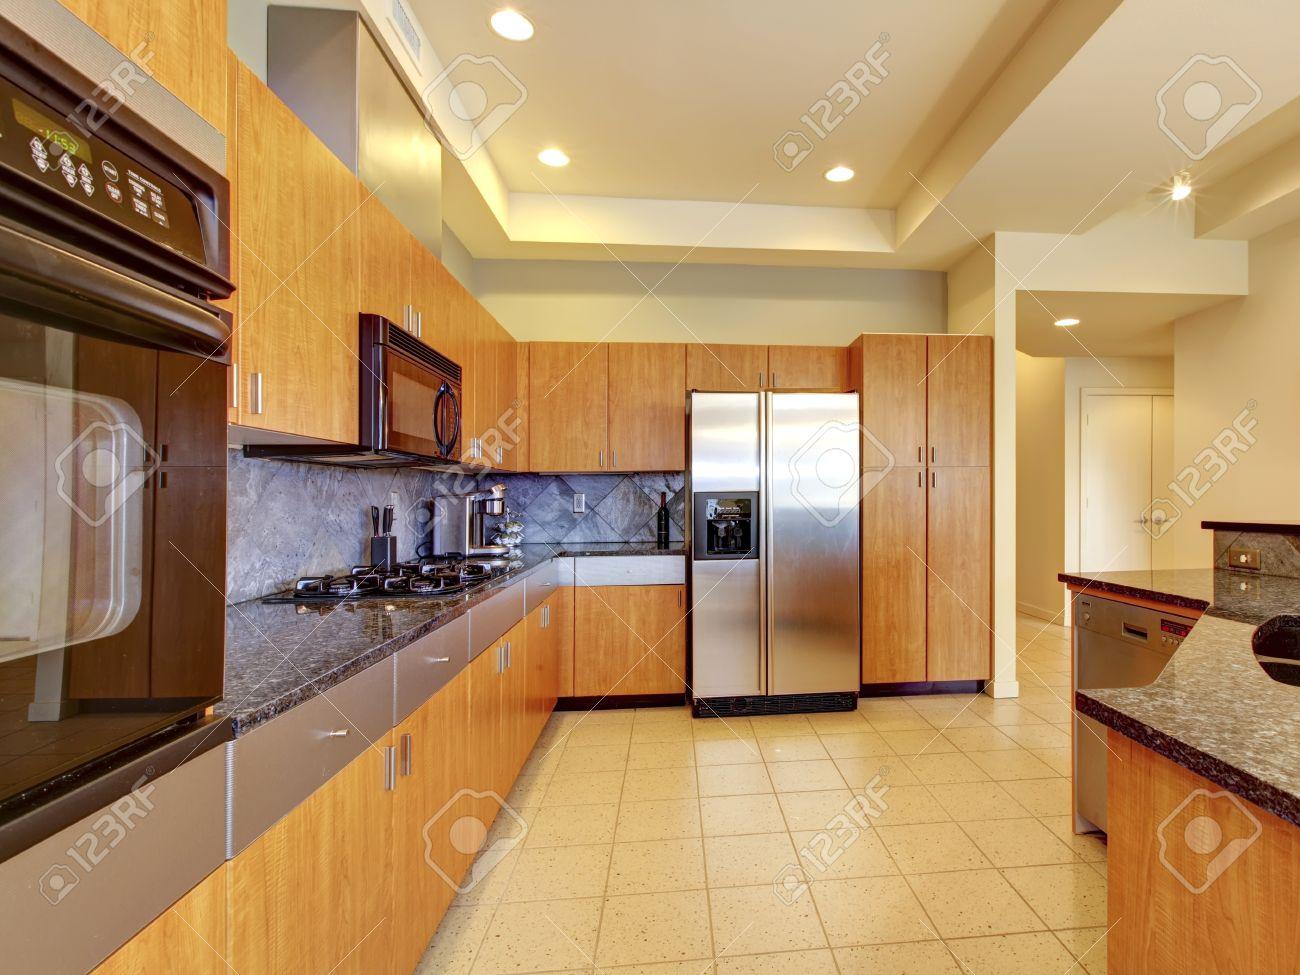 Grosse Moderne Holz Kuche Mit Wohnzimmer Und Hohen Decken Und